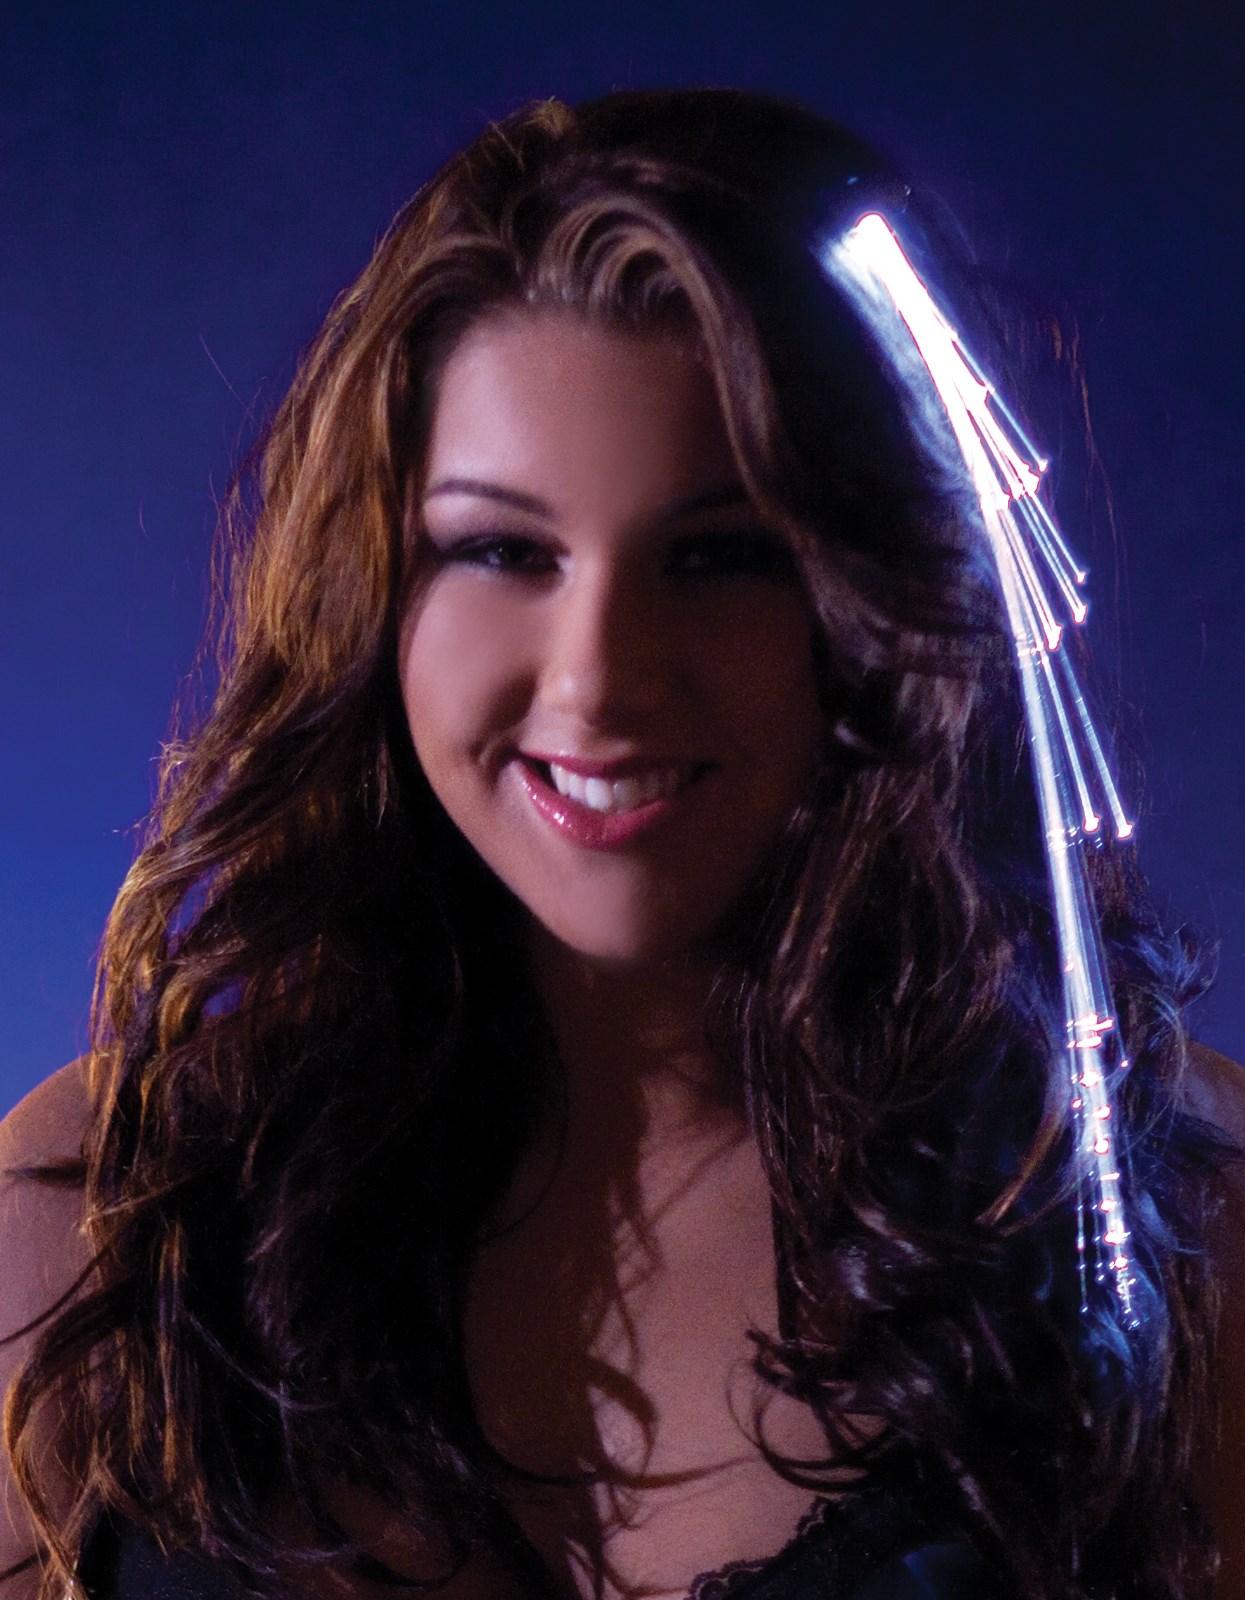 White Light Up Hairclip For Girls